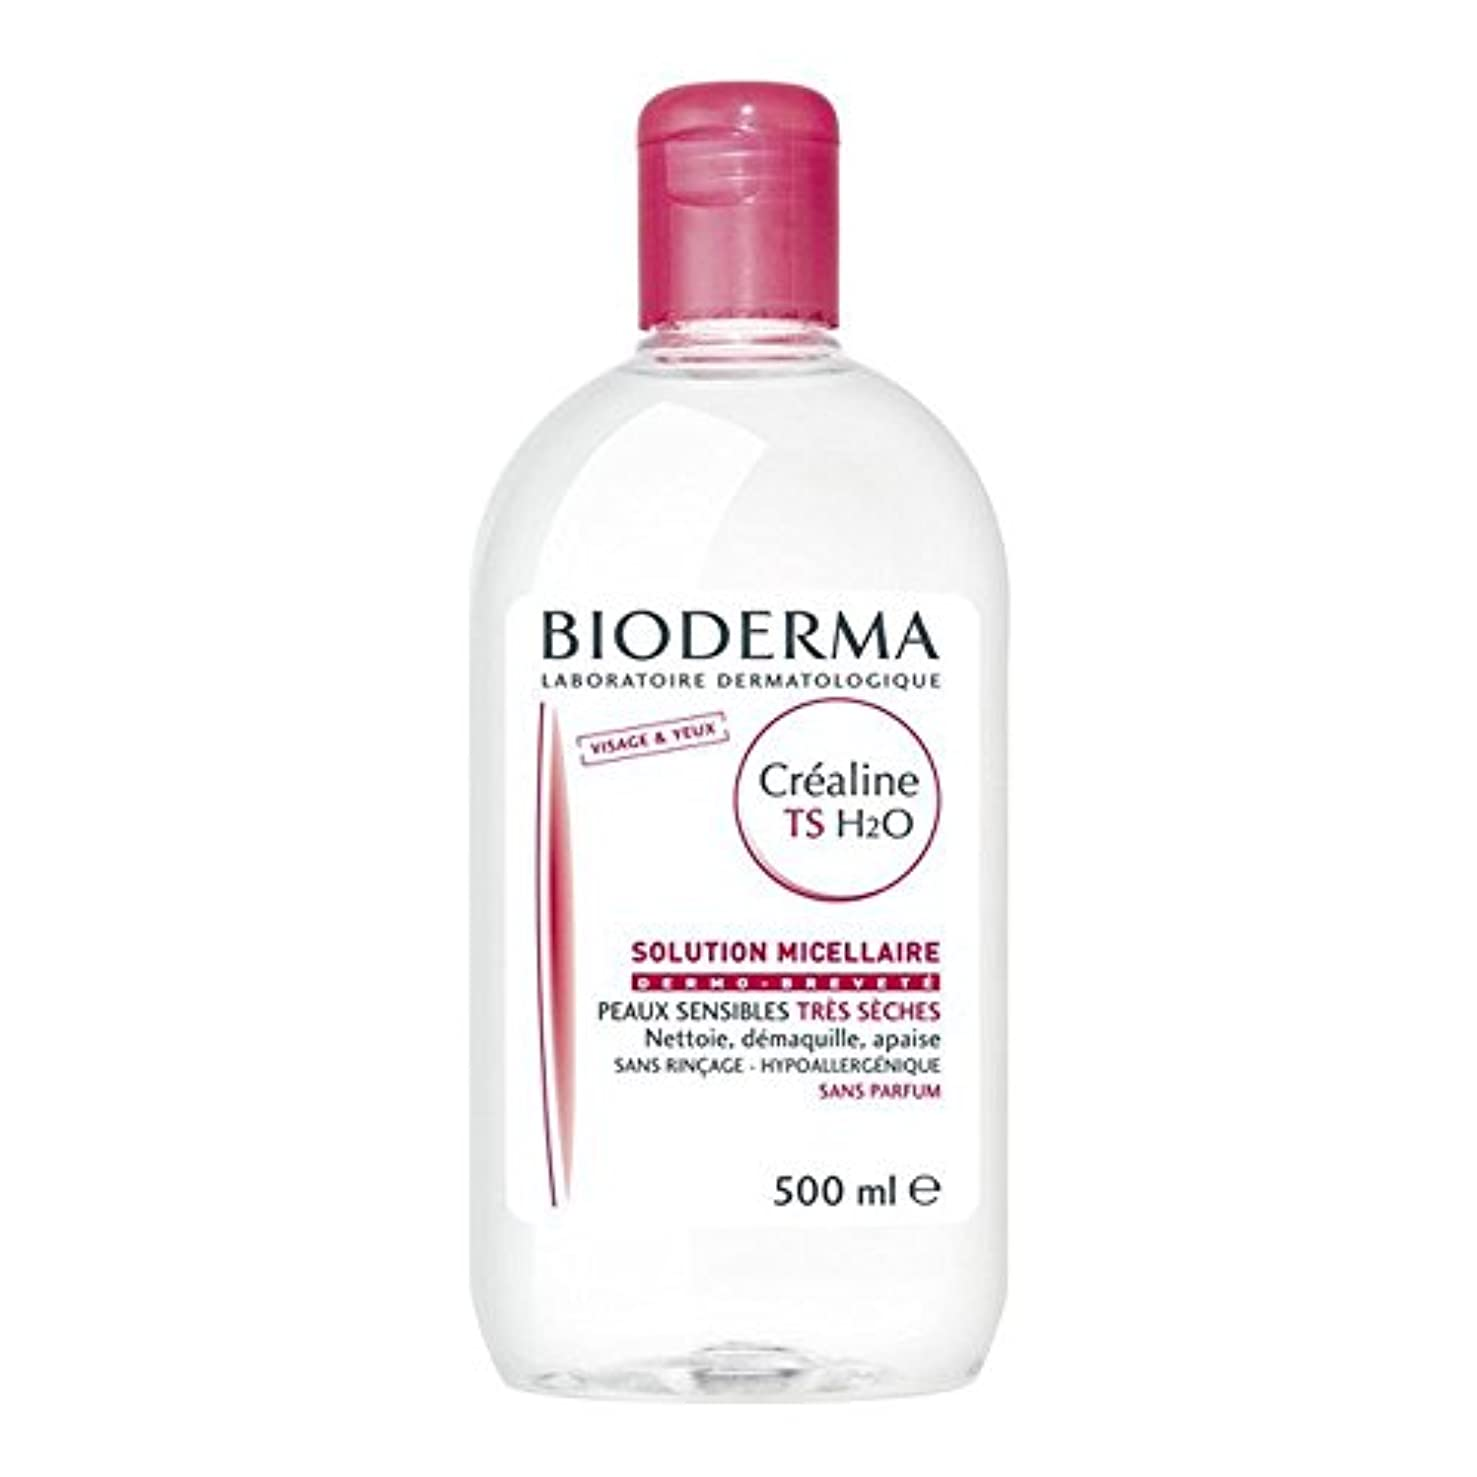 硬化するありがたい不愉快にビオデルマ サンシビオ H2O(エイチ ツーオー)【ベリードライ 乾燥肌用 TS】 500ml